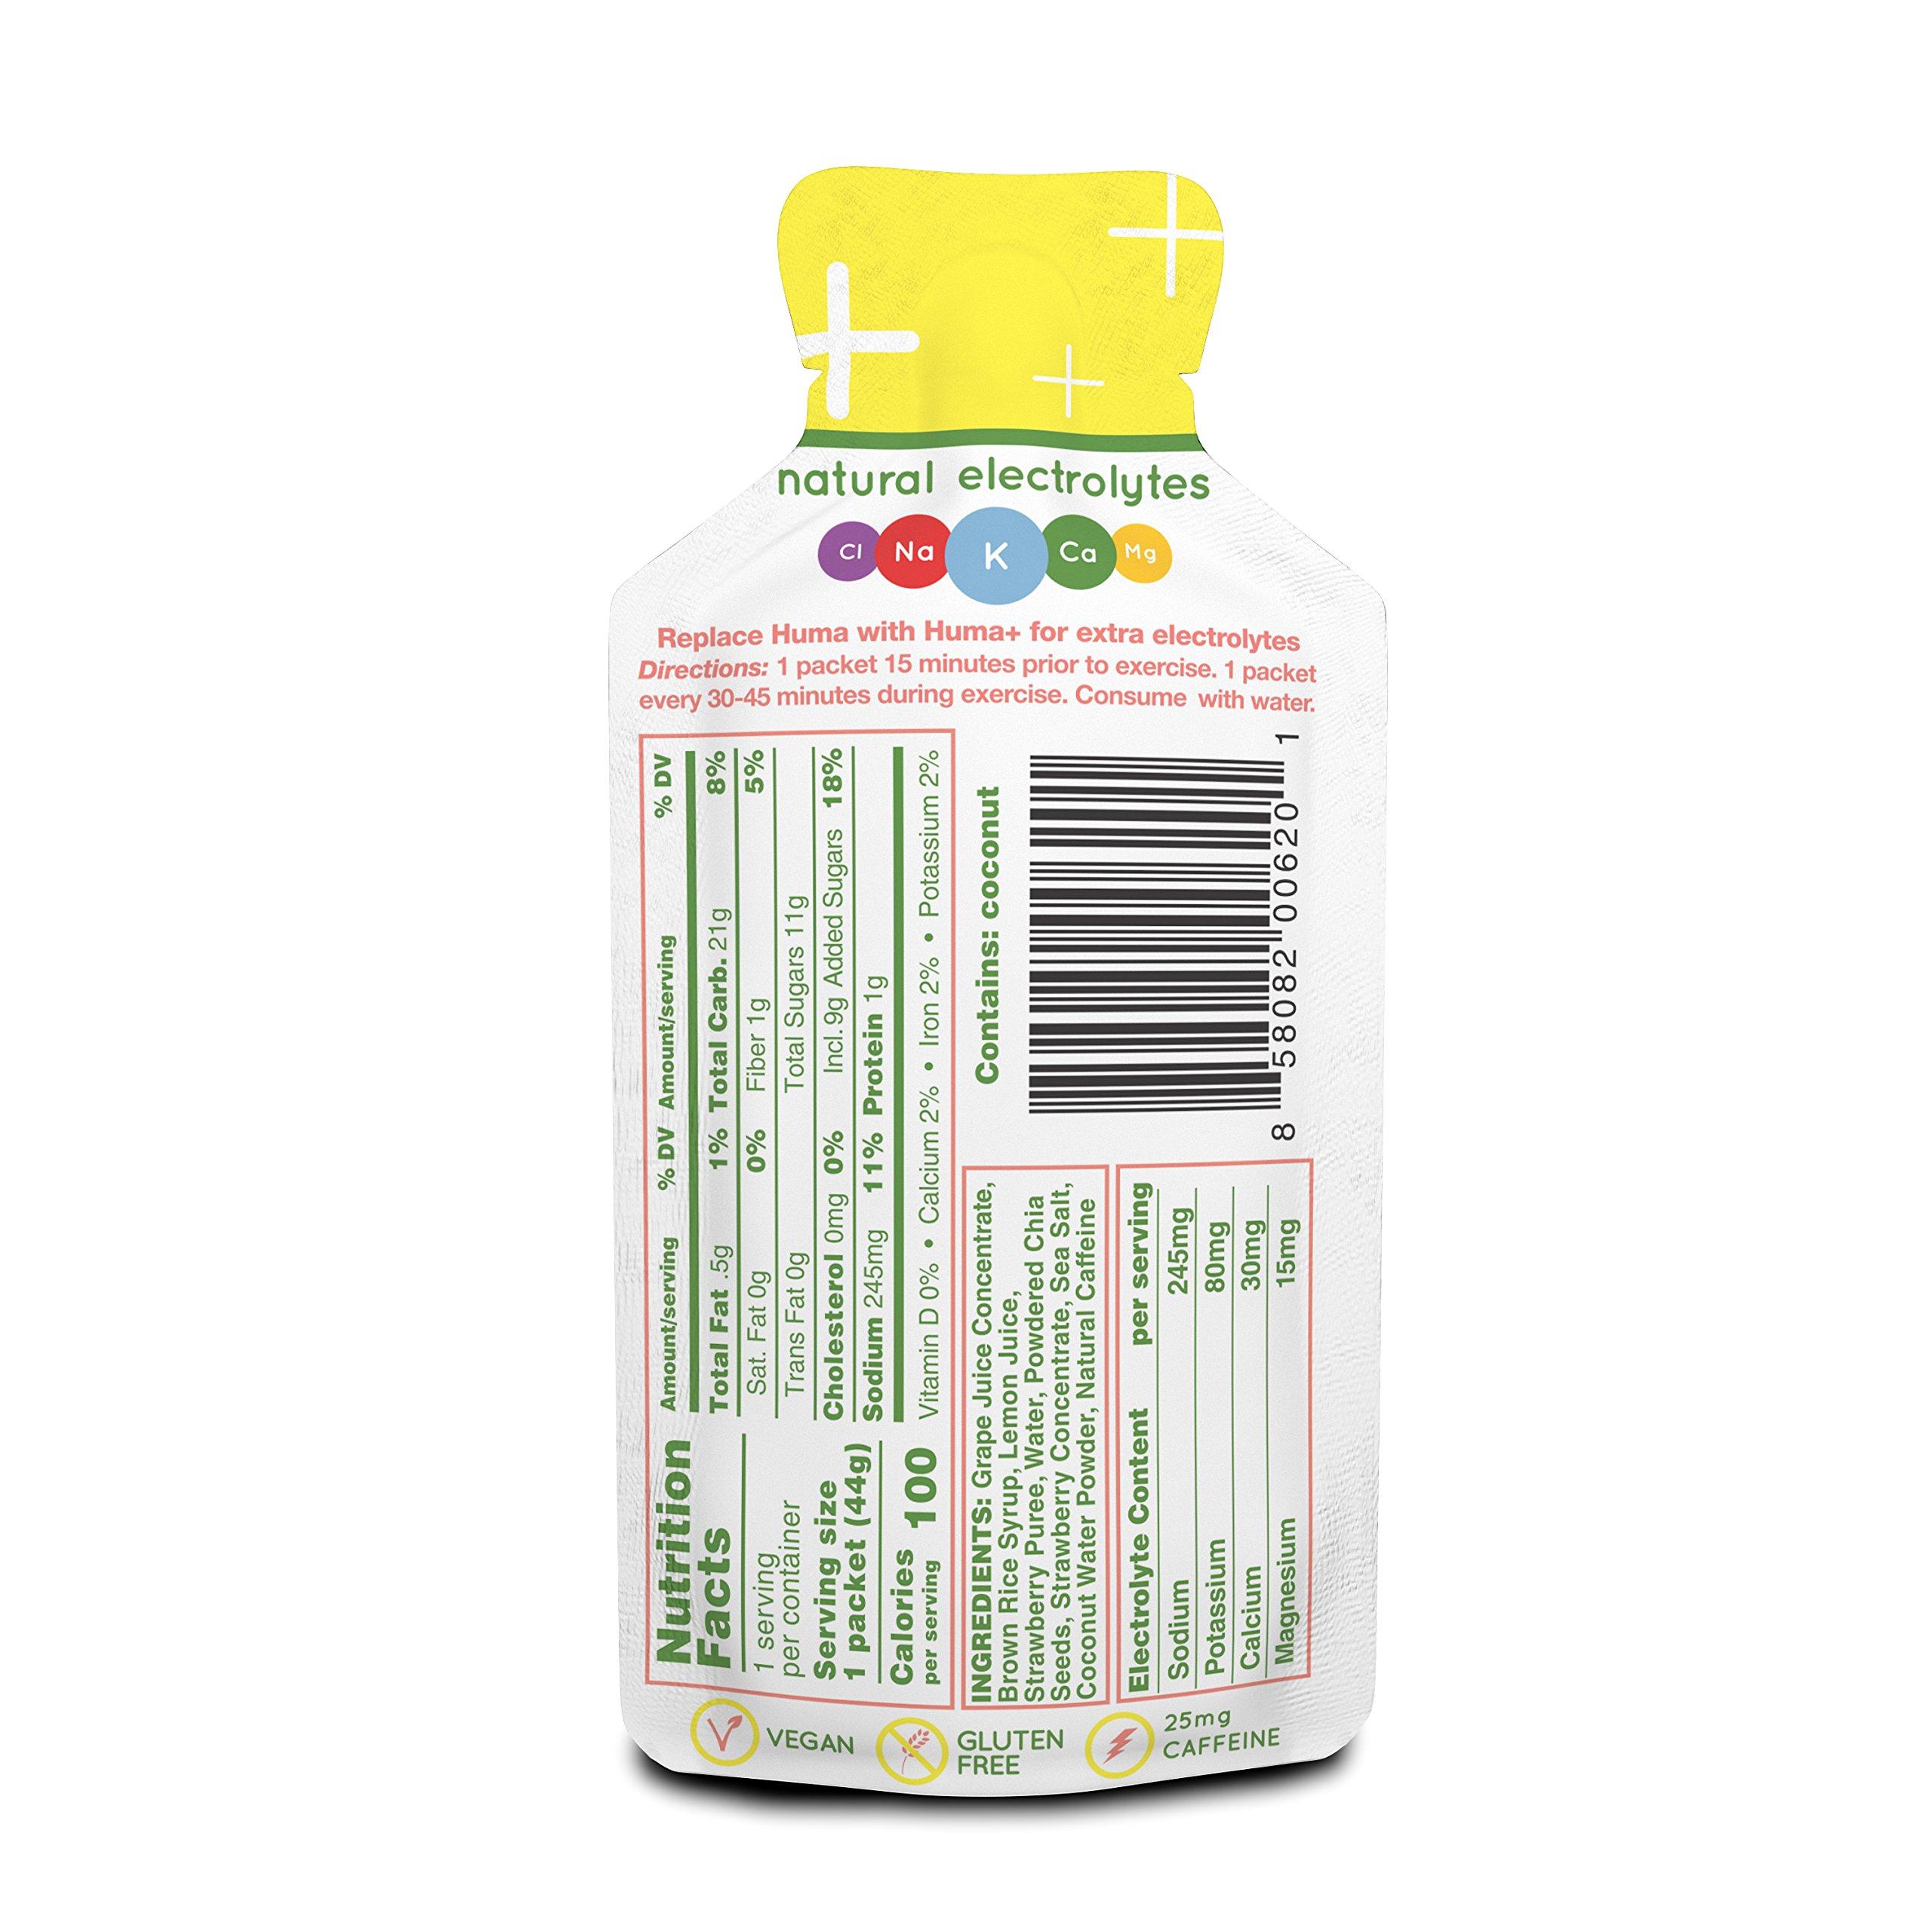 Huma Plus - Chia Energy Gel, 8 Plus & 16 Original Gels - Natural Electrolyte Enhanced Energy Gel by Huma Gel (Image #3)